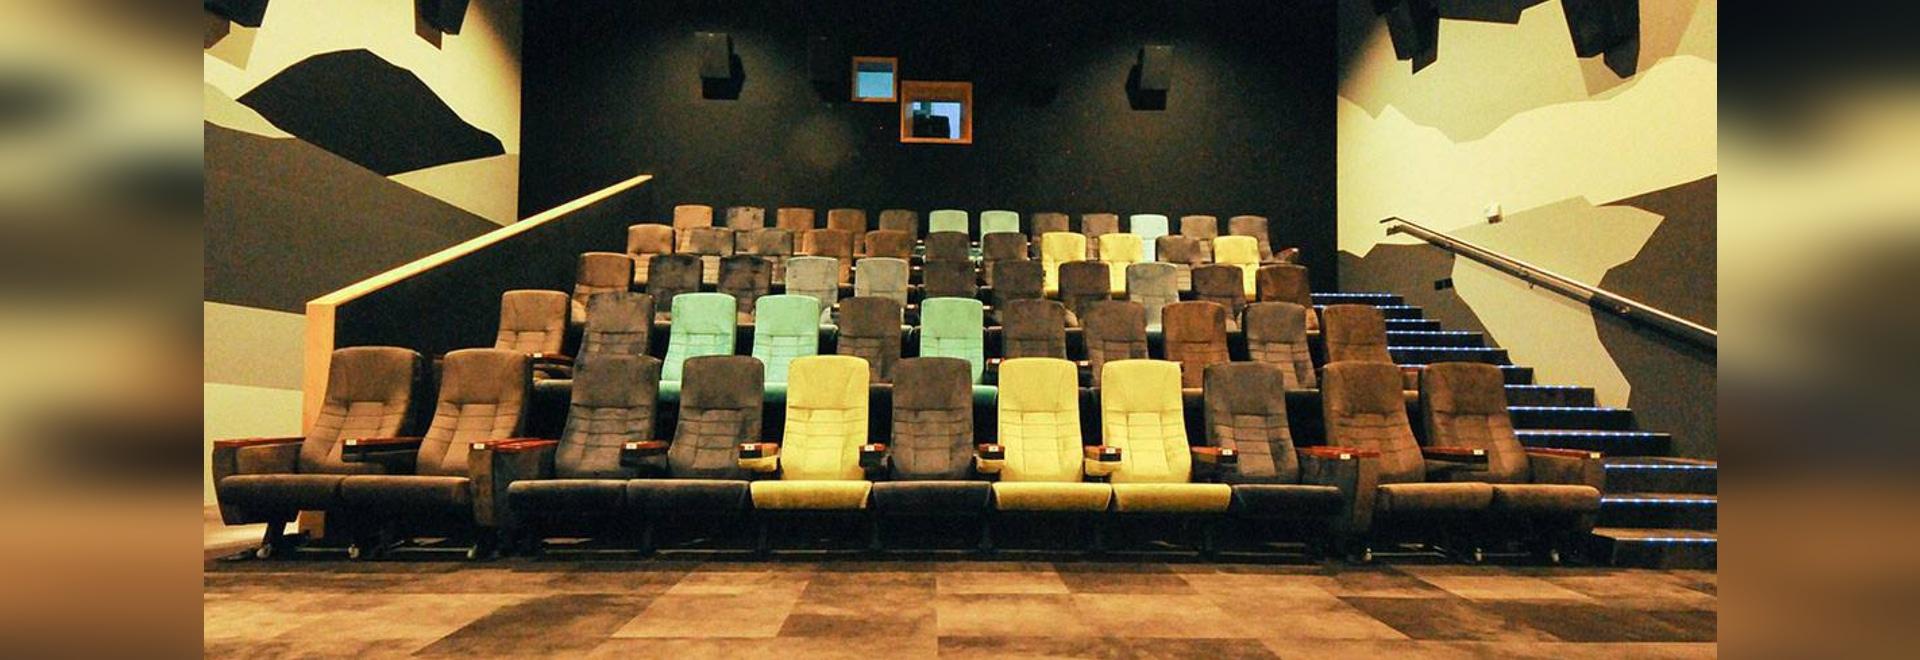 Teatro del sur que vuela